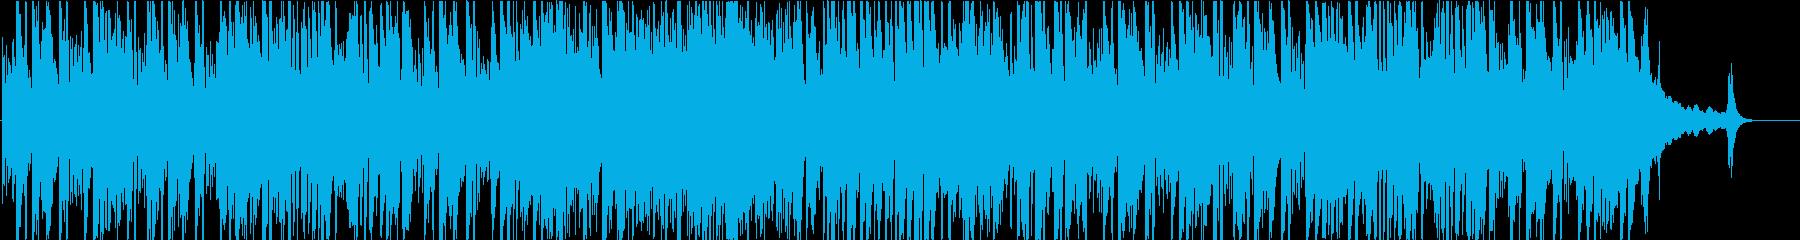 ジャズの名曲 ピアノトリオ アドリブ付きの再生済みの波形